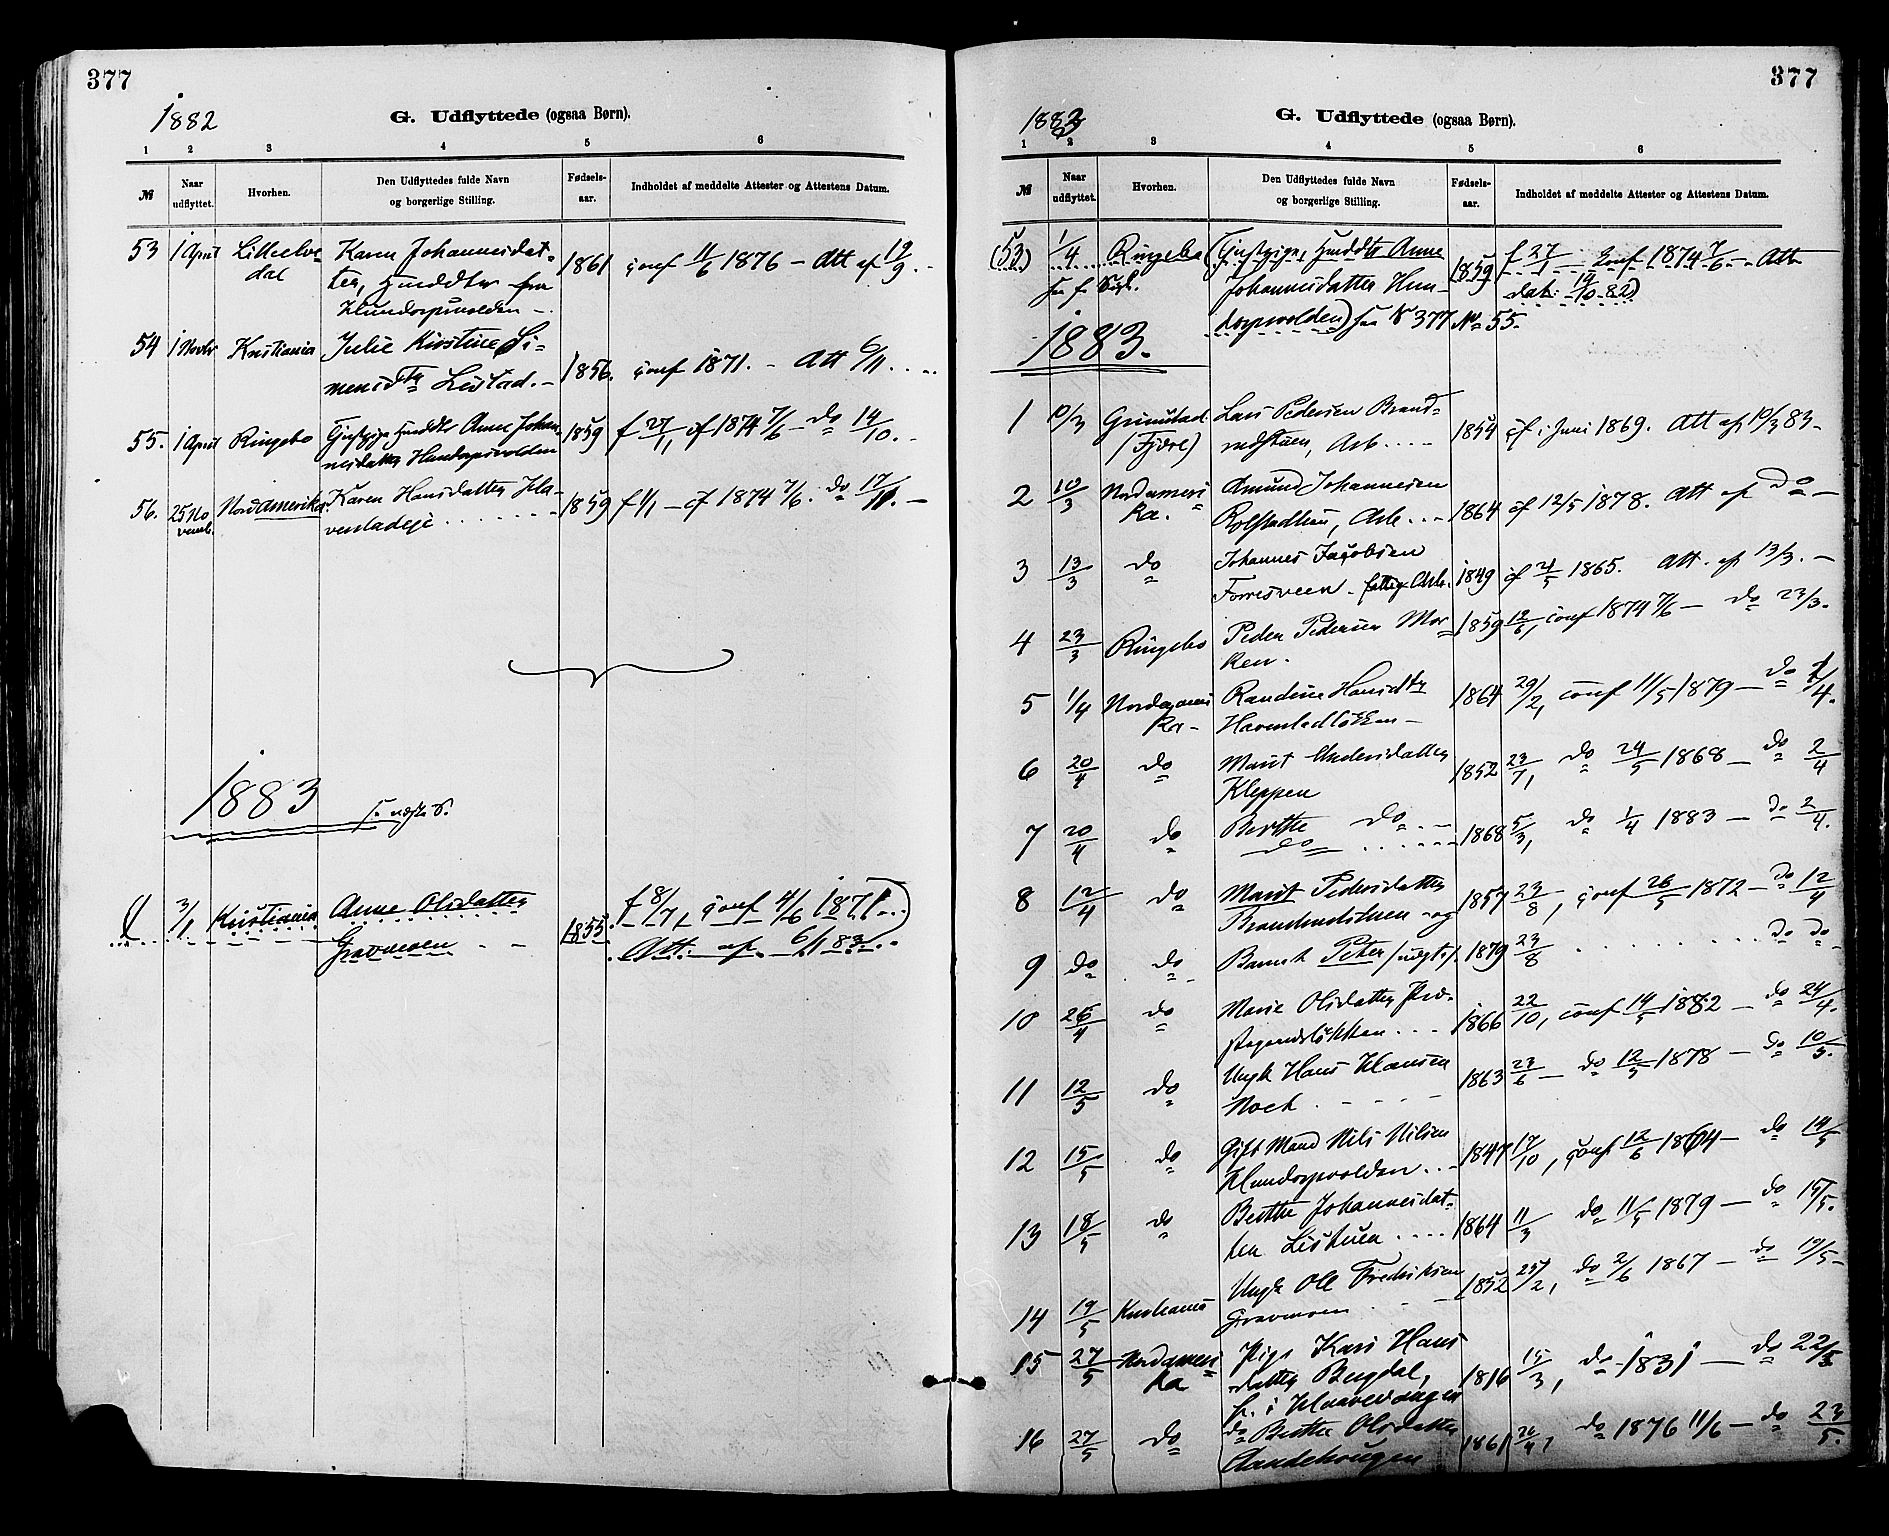 SAH, Sør-Fron prestekontor, H/Ha/Haa/L0003: Ministerialbok nr. 3, 1881-1897, s. 377